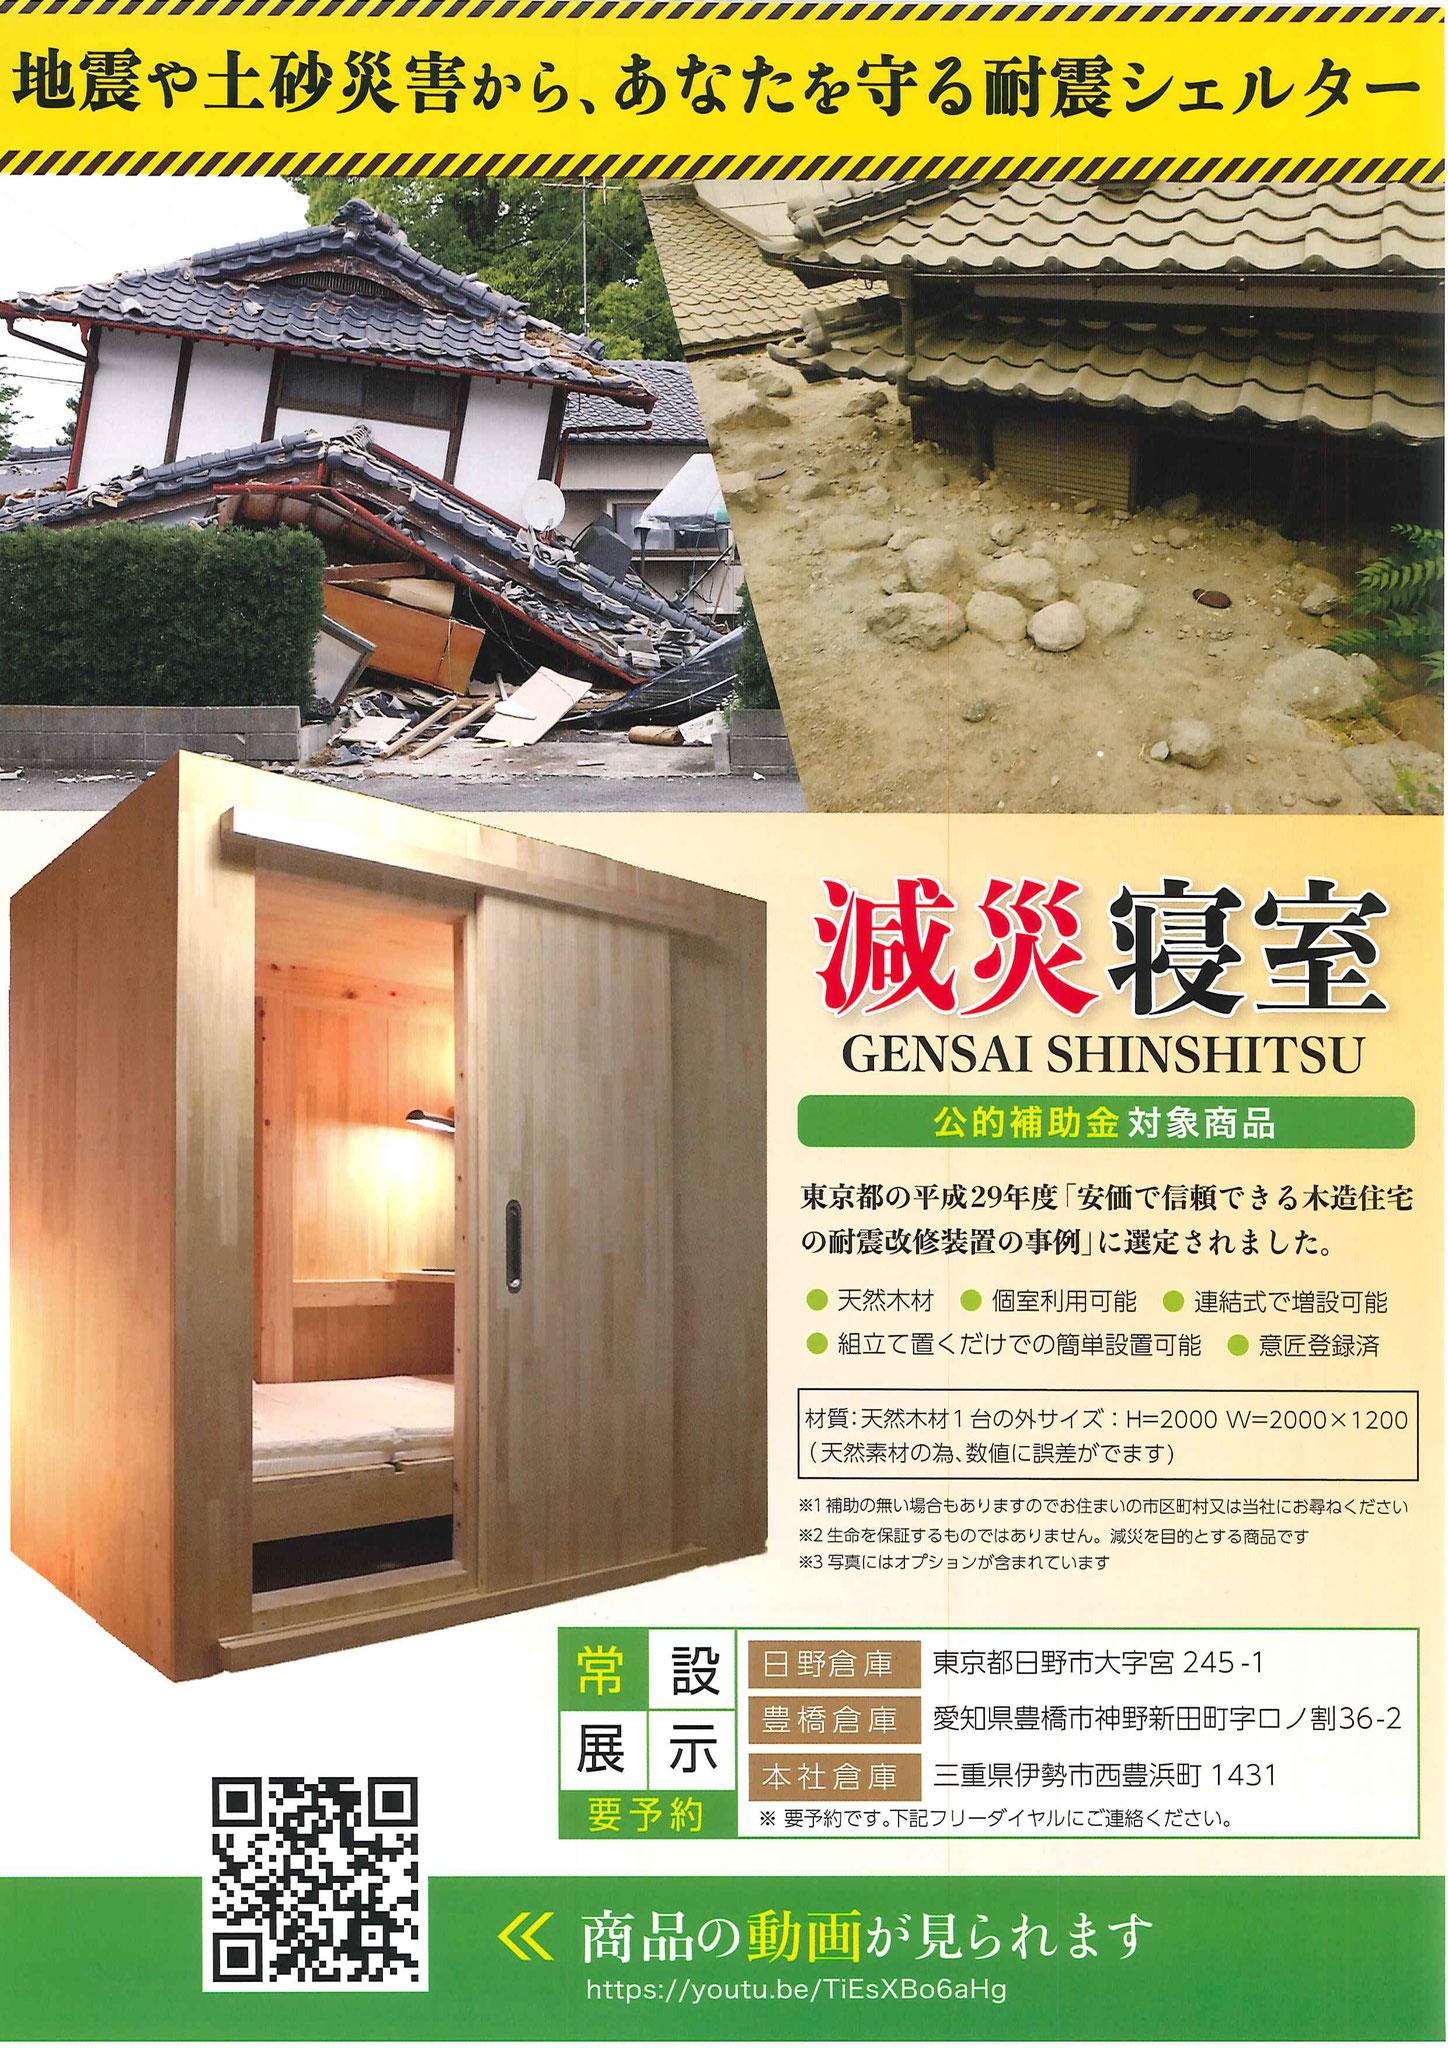 耐震シェルター【減災寝室】